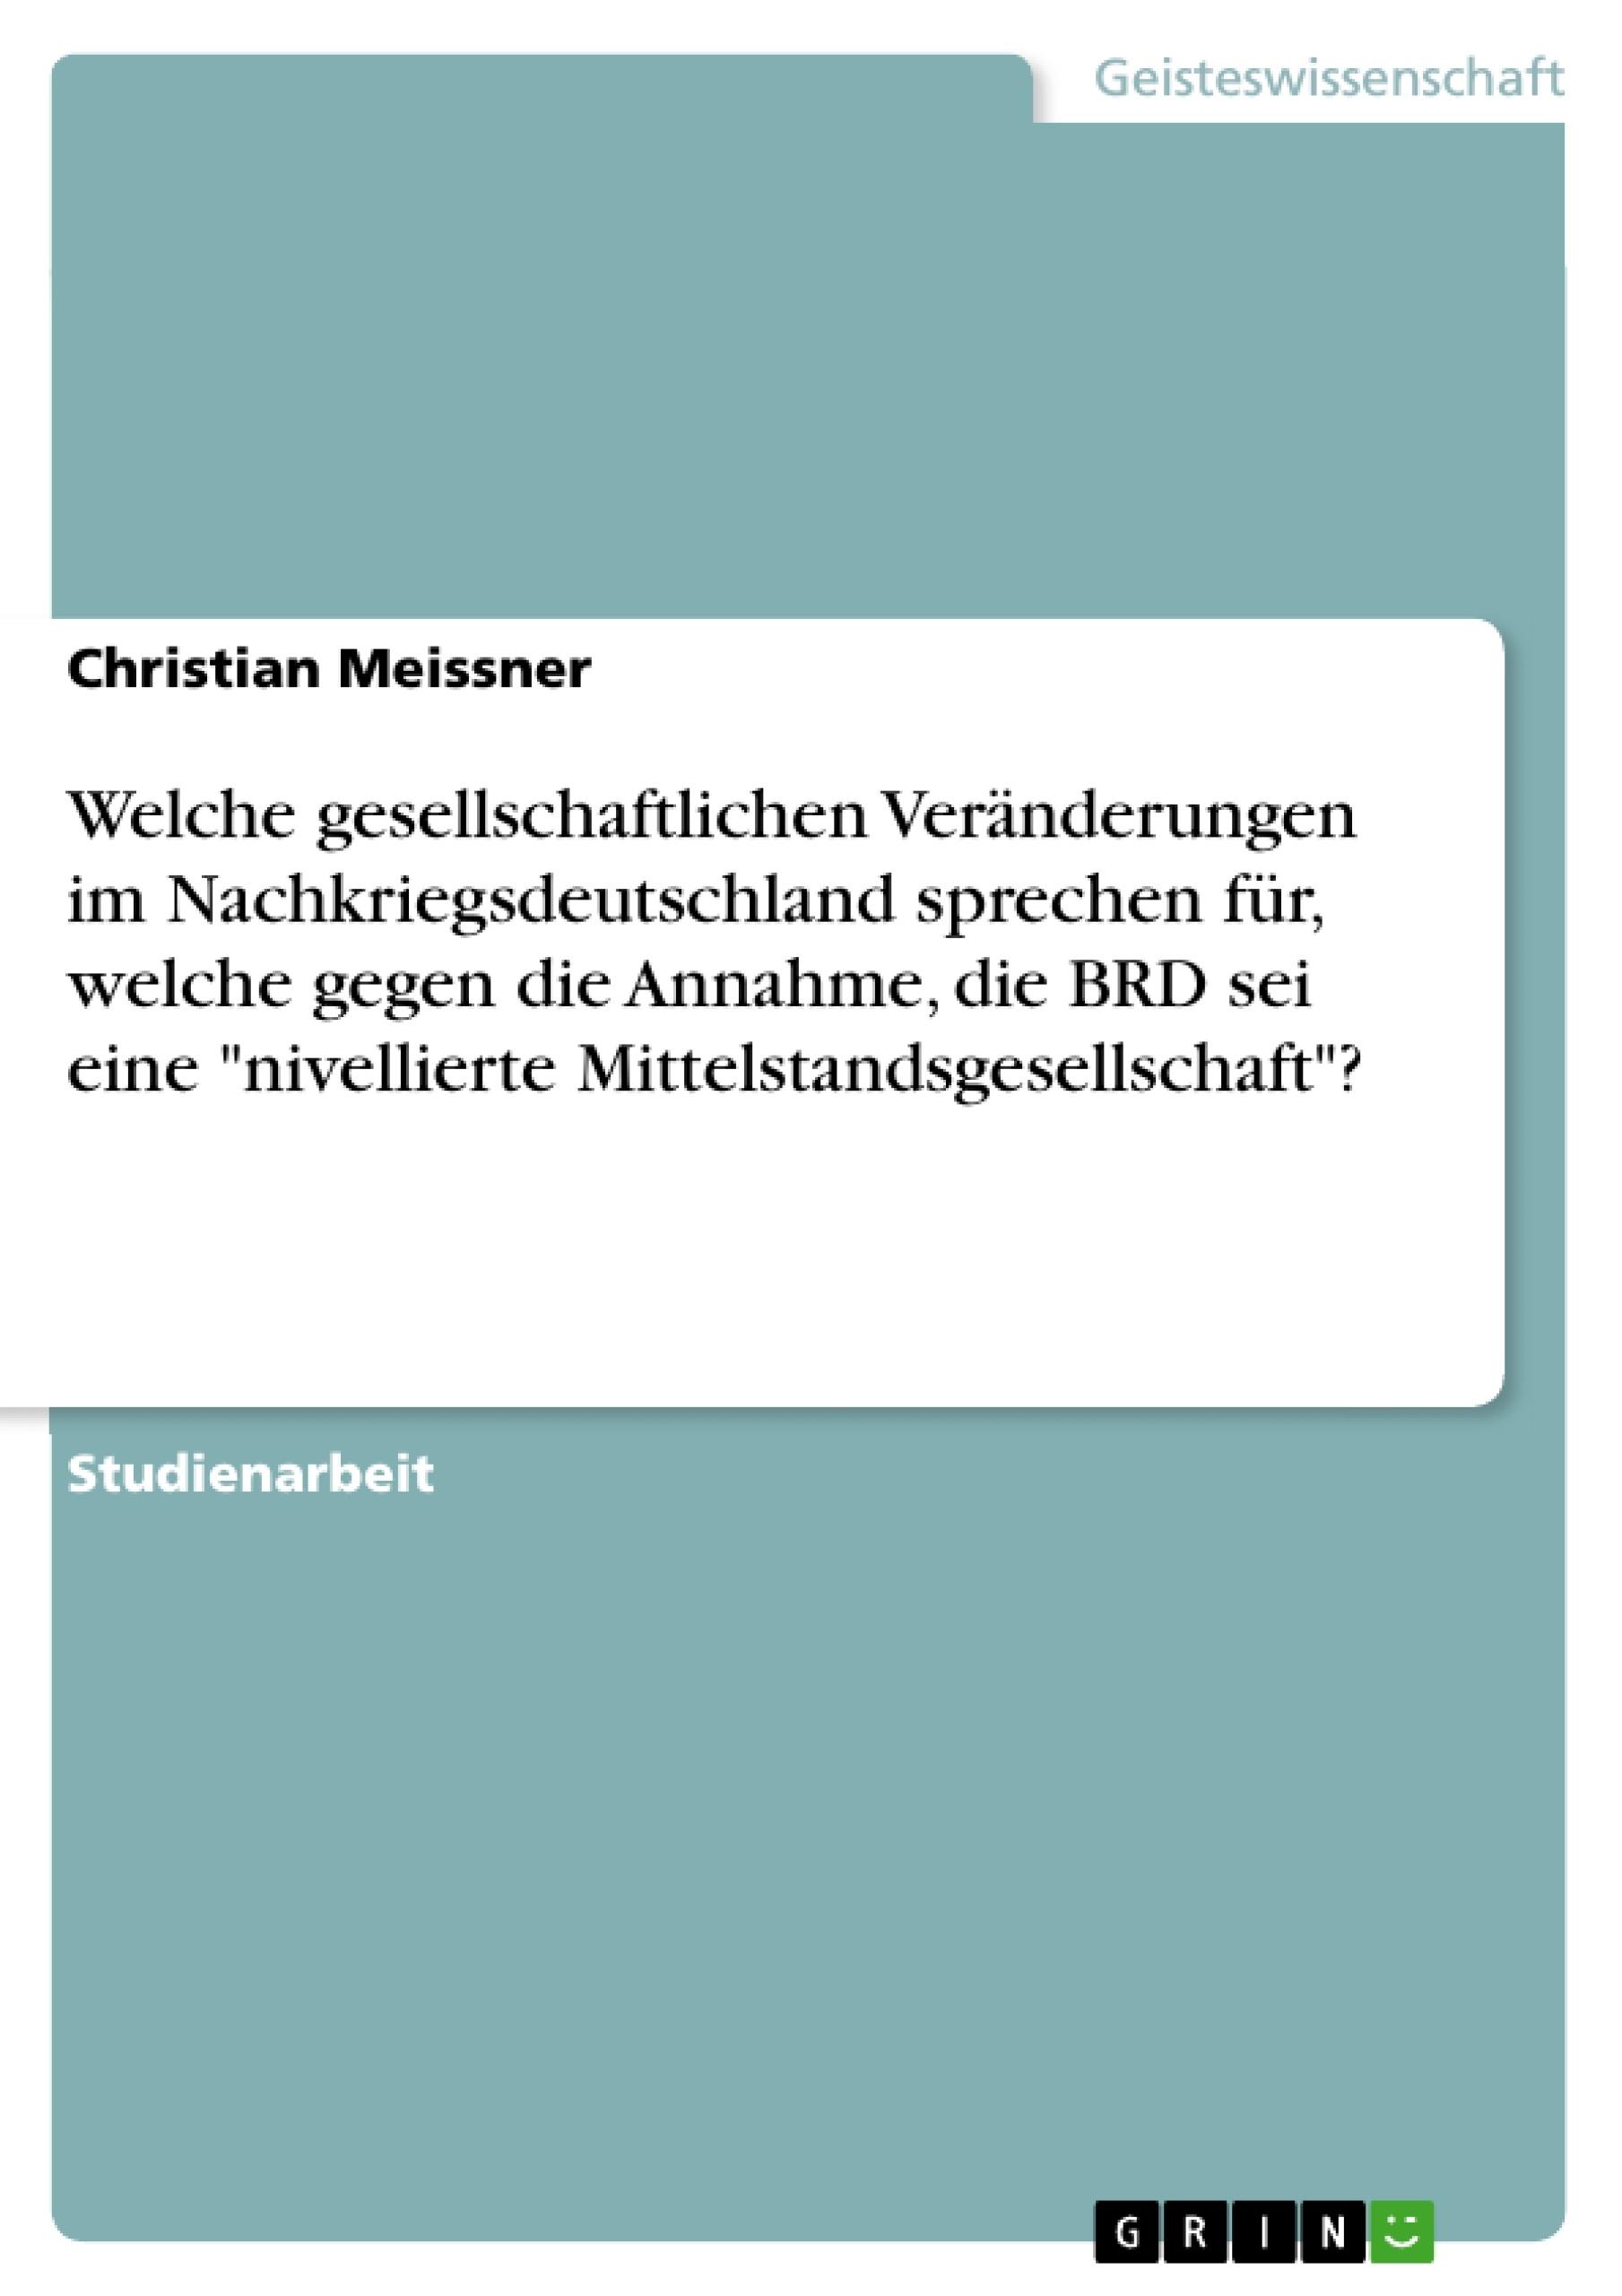 """Titel: Welche gesellschaftlichen Veränderungen im Nachkriegsdeutschland sprechen für, welche gegen die Annahme, die BRD sei eine """"nivellierte Mittelstandsgesellschaft""""?"""